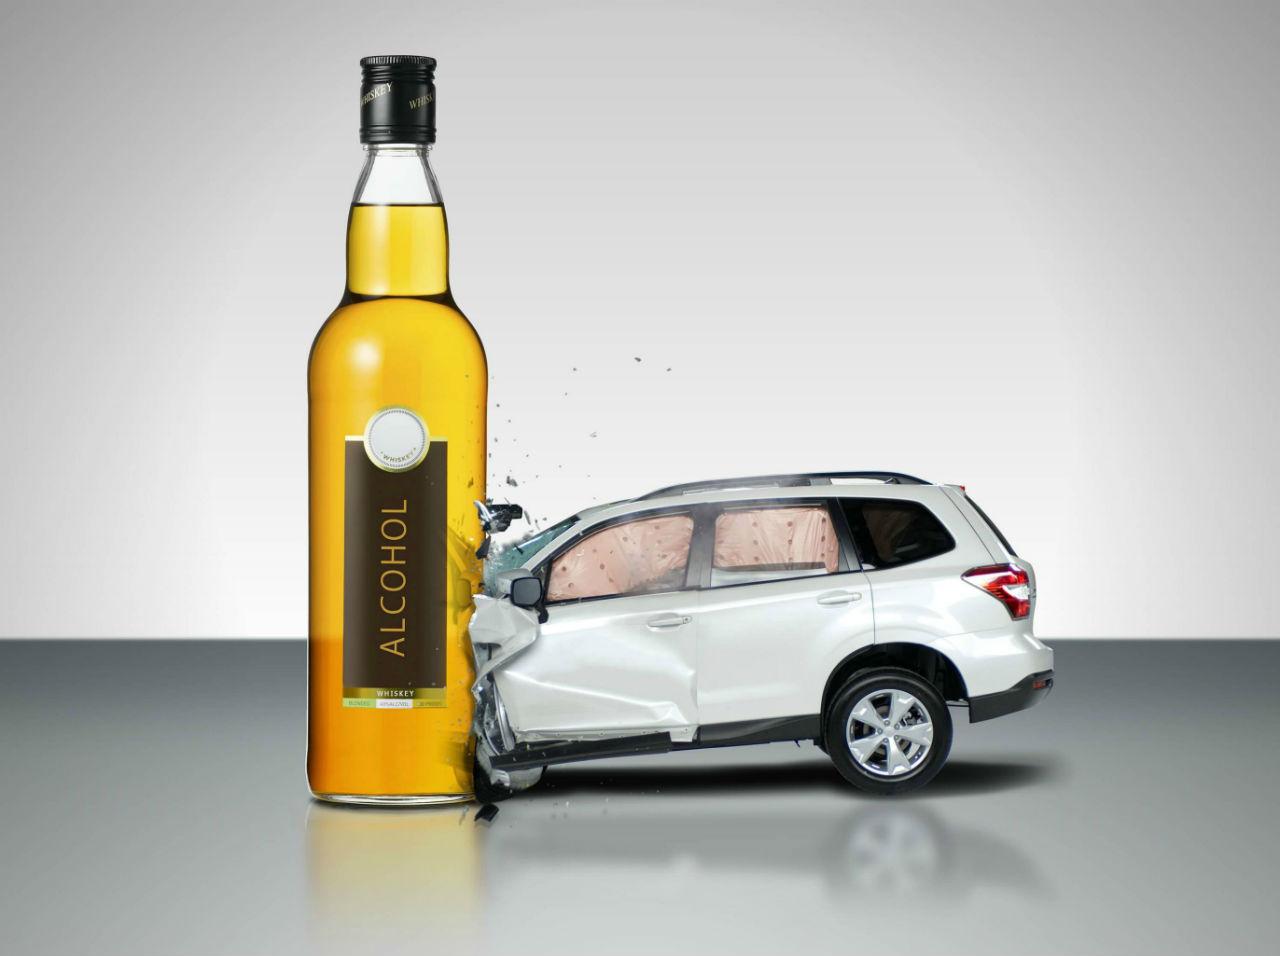 borracho-alcohol-coche